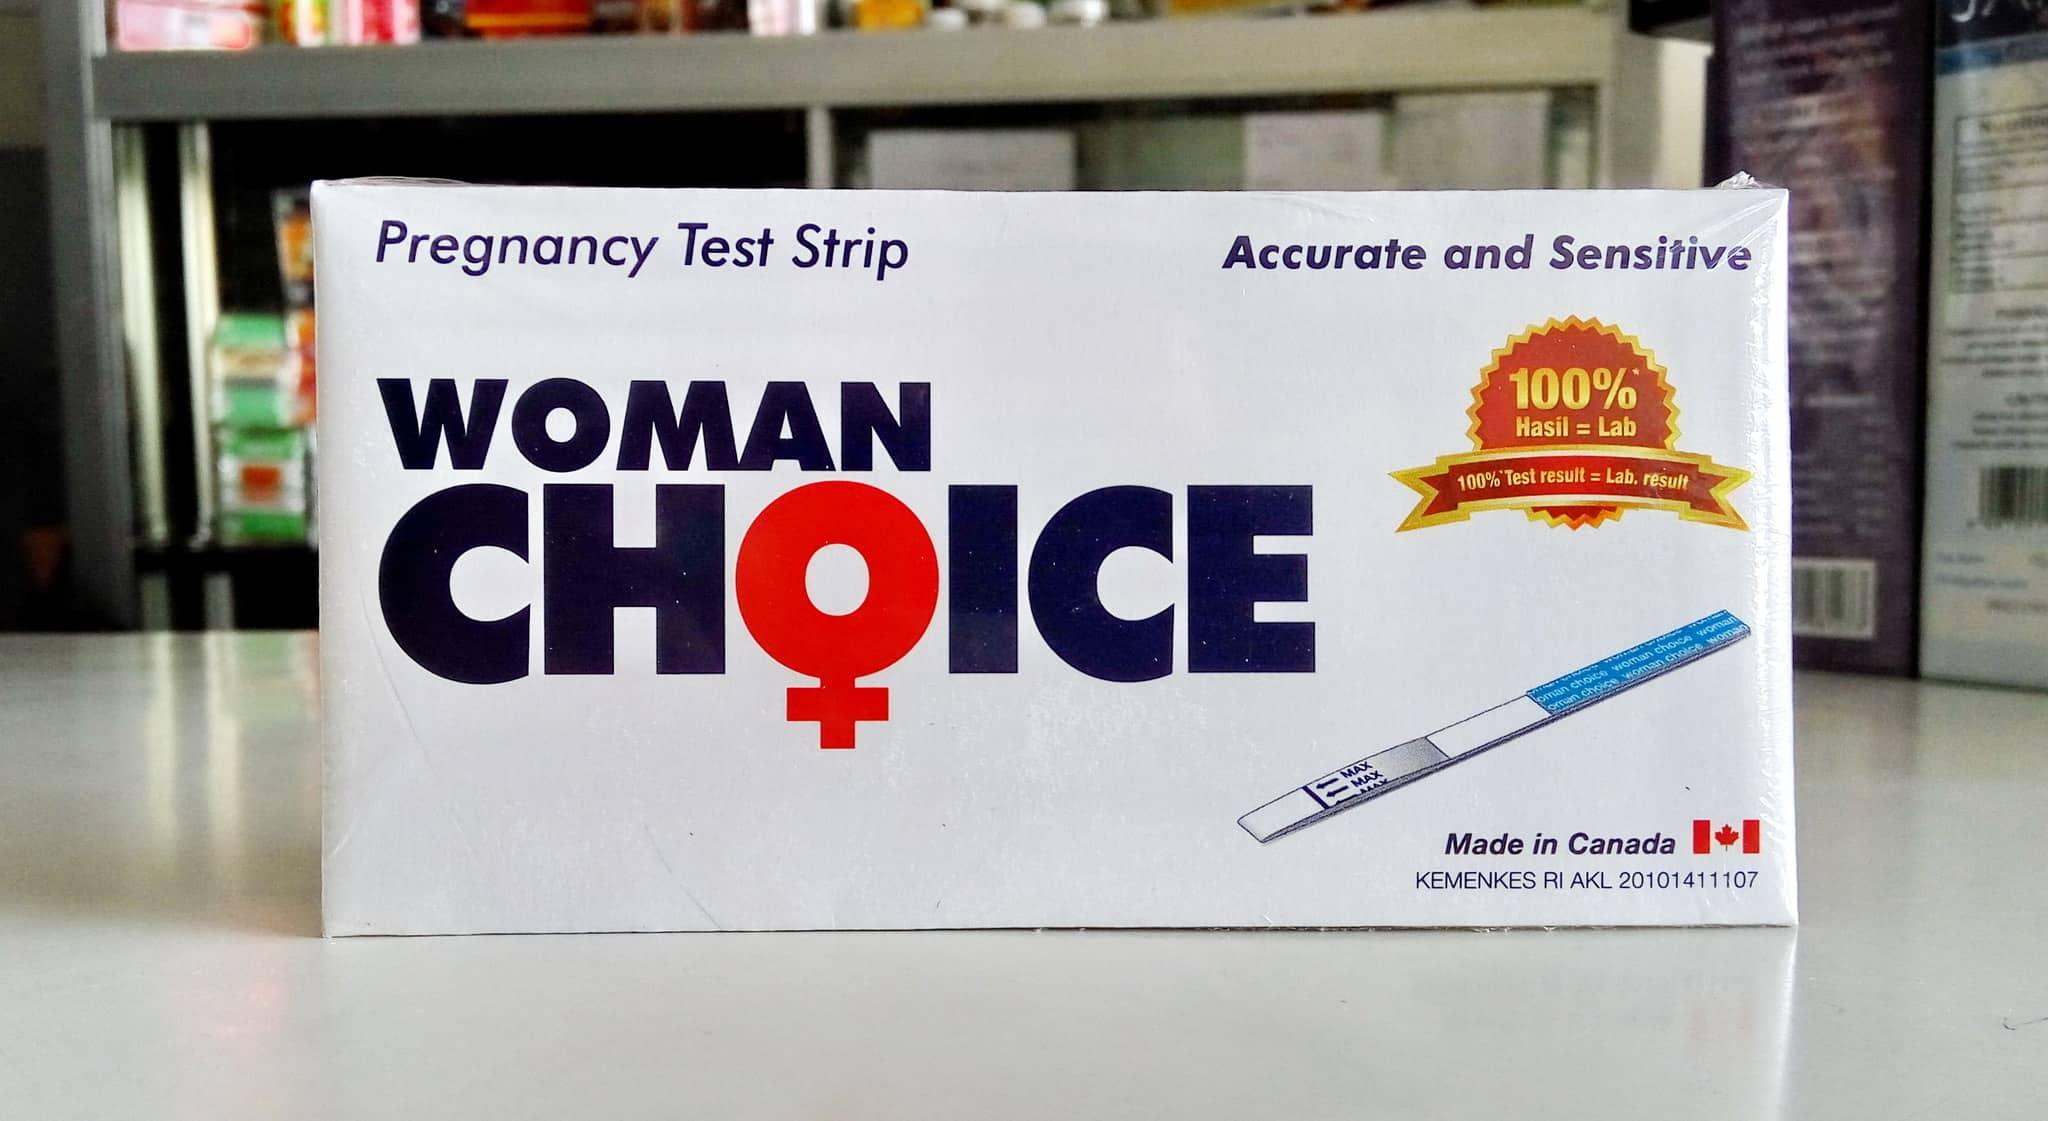 Woman-Choice-Pregnancy-Test-Strip